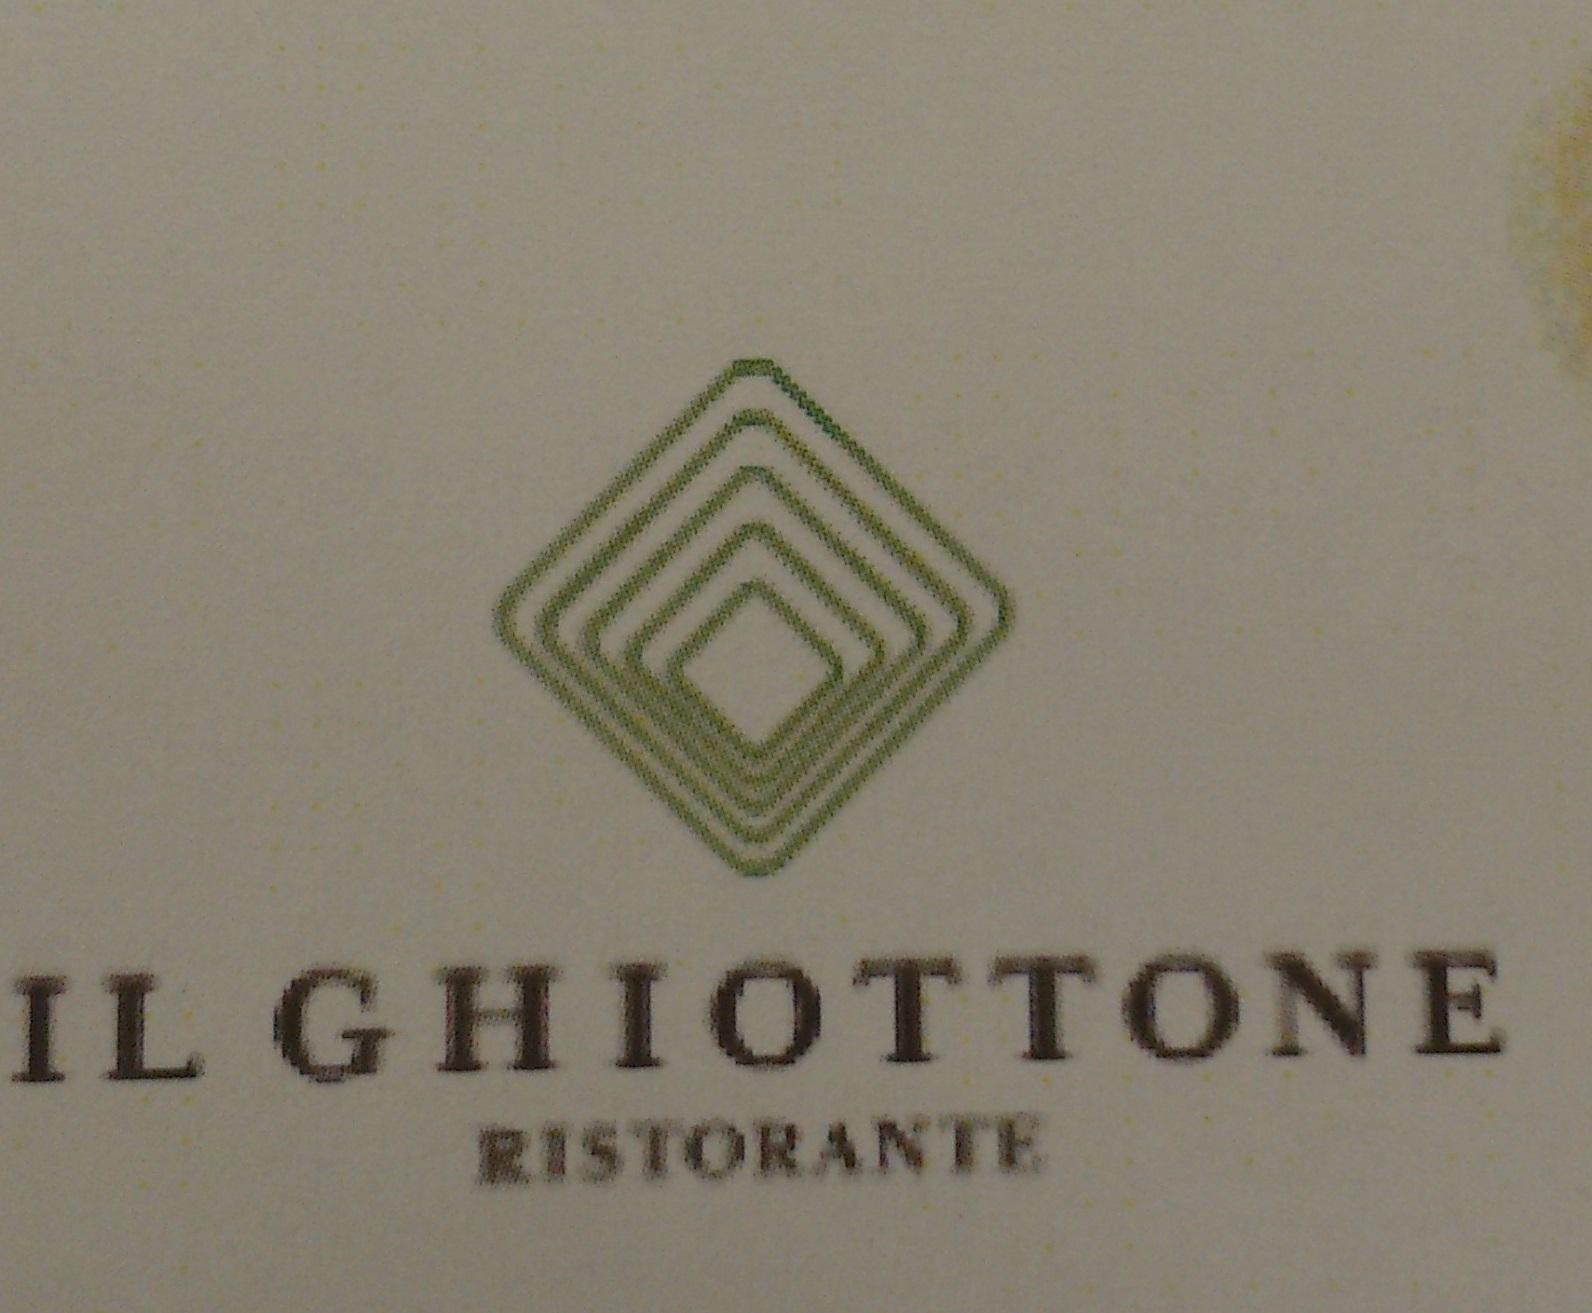 IL GHIOTTONE さん